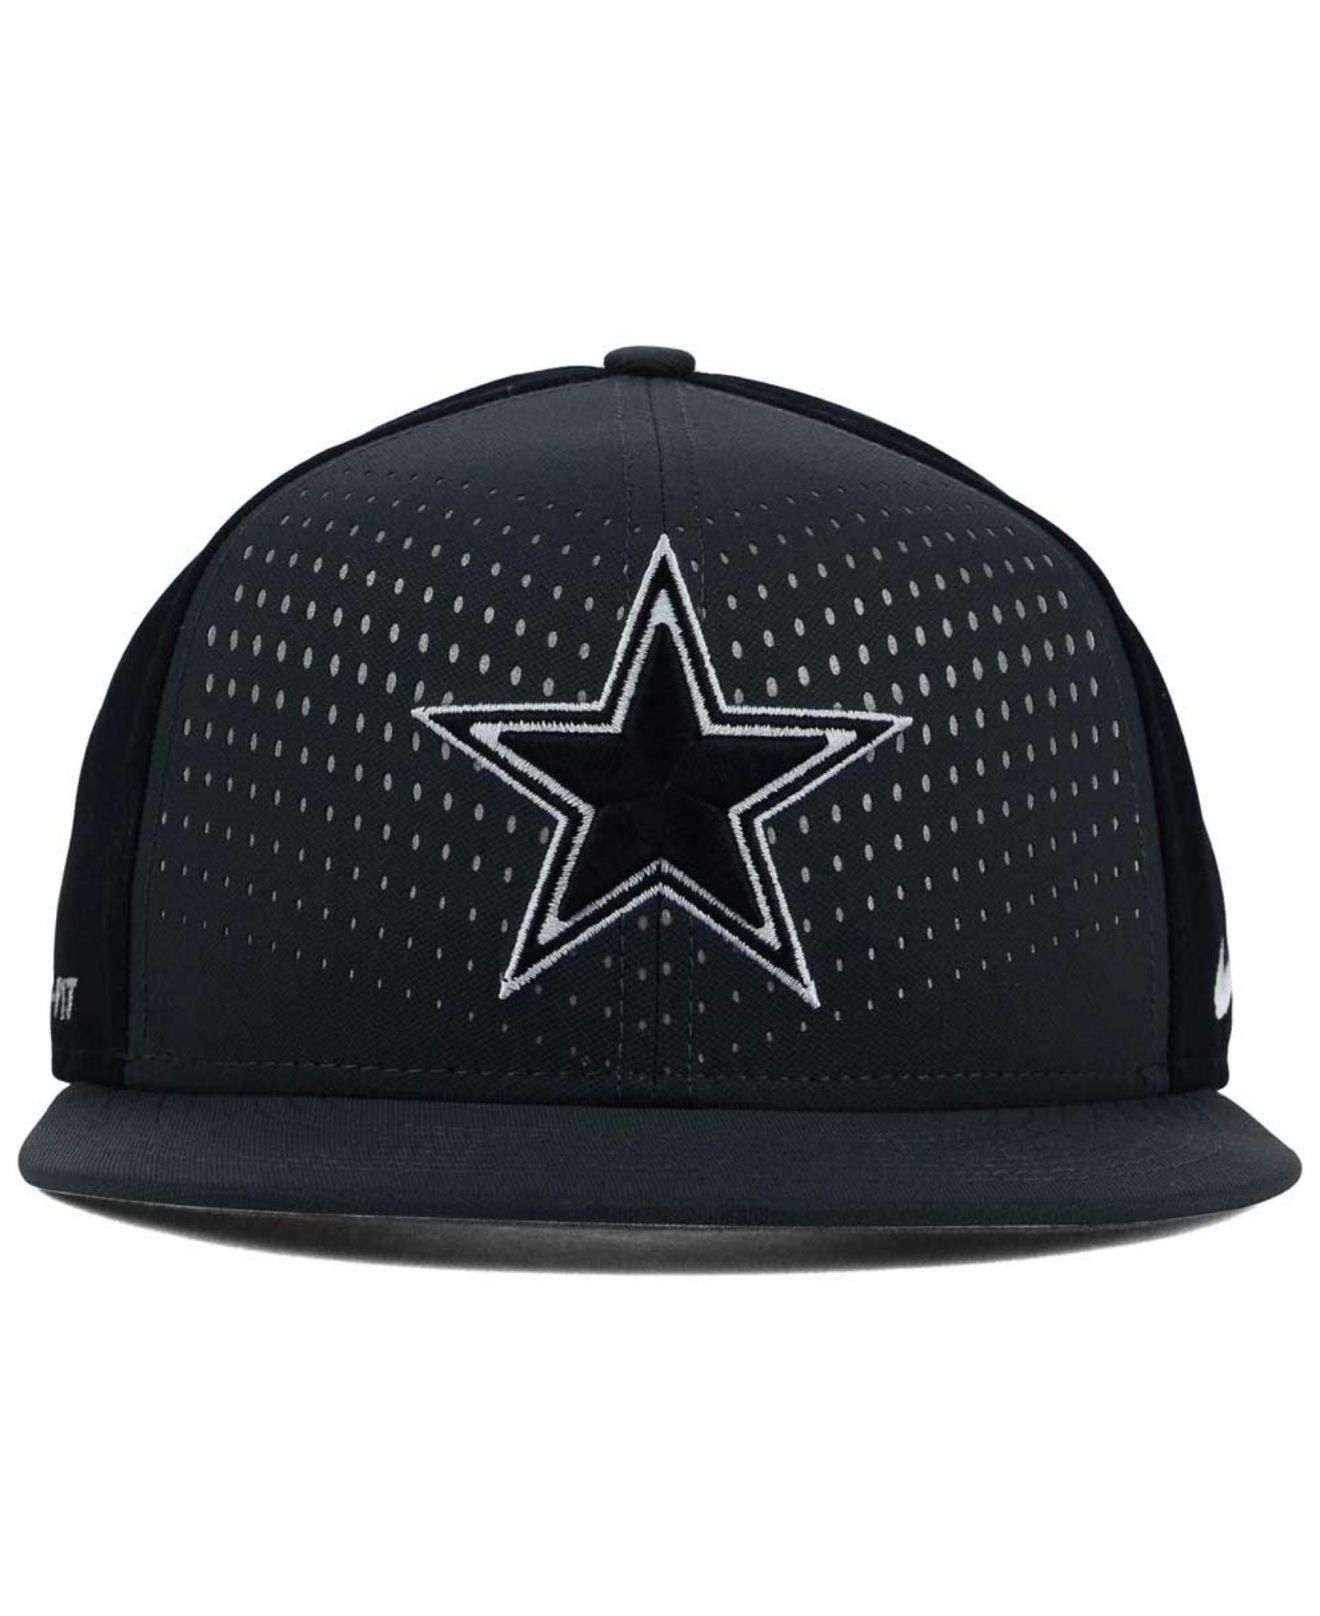 6b80b29ac5a9b Nike Dallas Cowboys Gameday True Snapback Cap in Gray for Men - Lyst